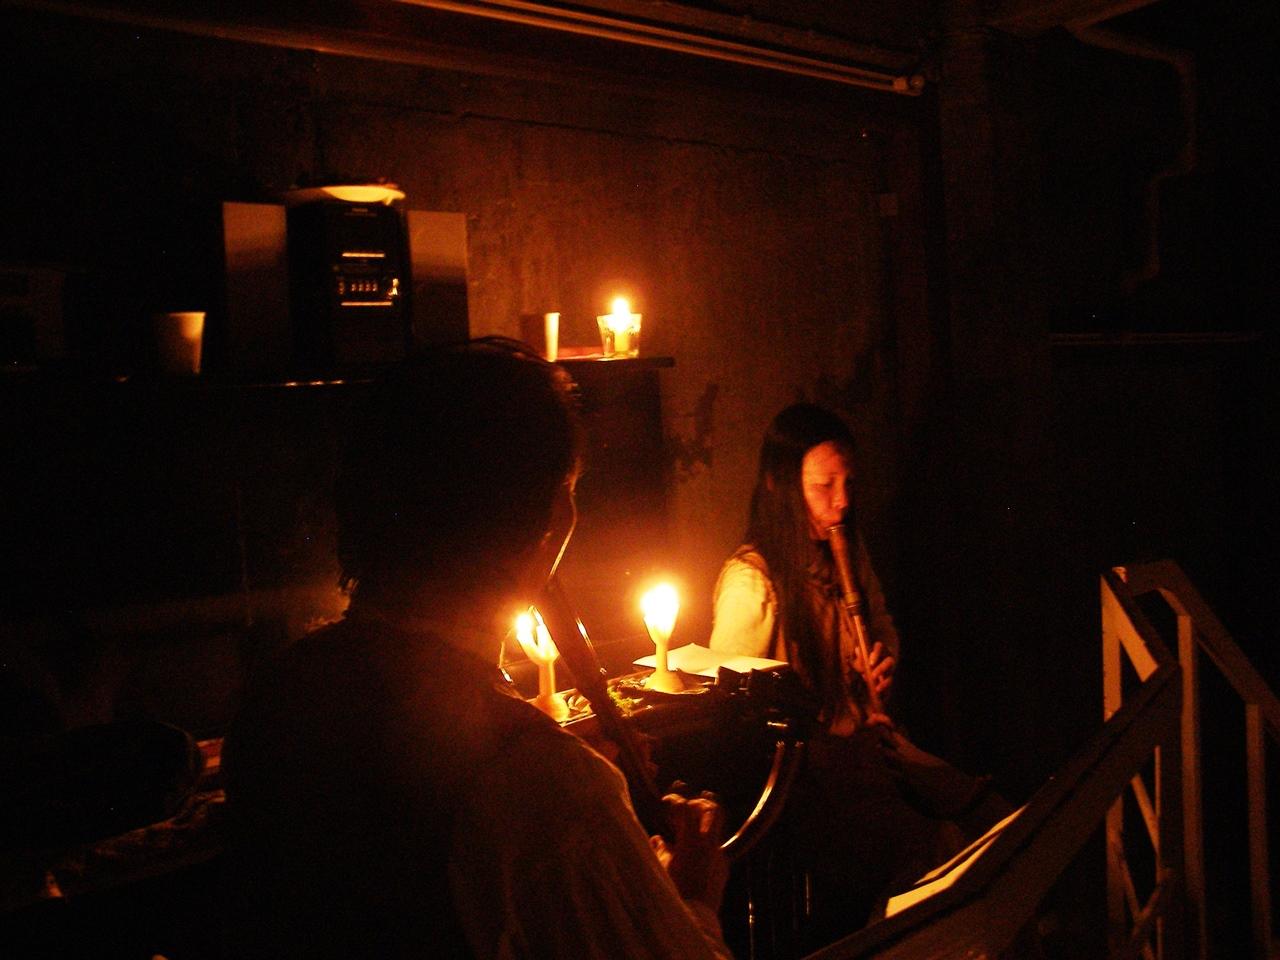 【終了】<ヒストリカル部門 6/16・東京>一葉の旋律、ある夏至の物語